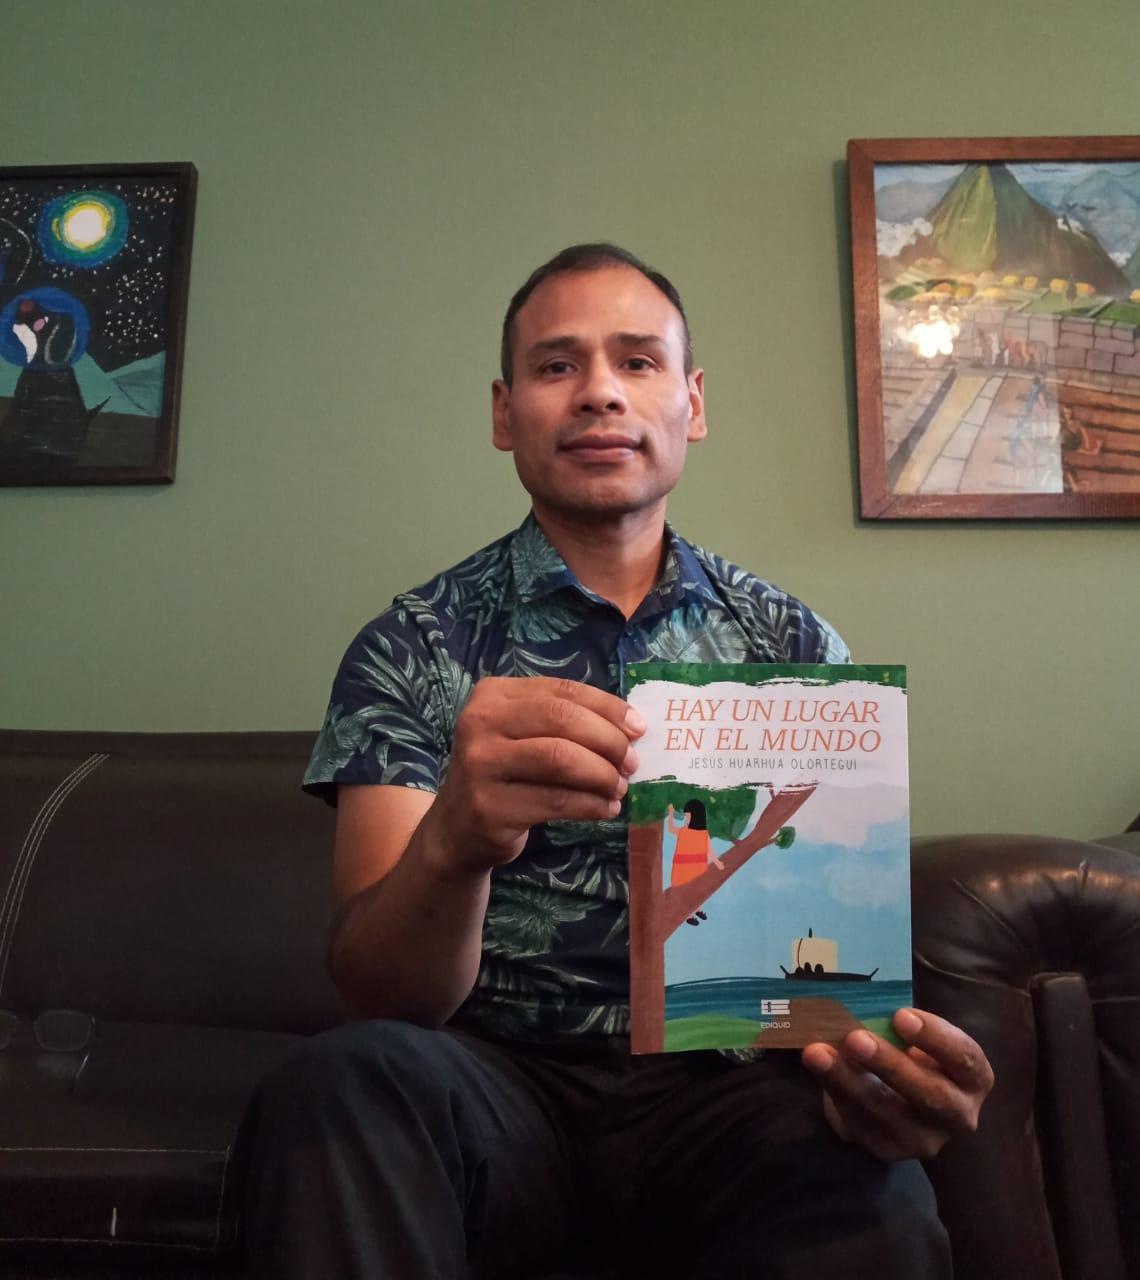 «Hay un lugar en el mundo»: la válvula de escape de Jesús Huarhua